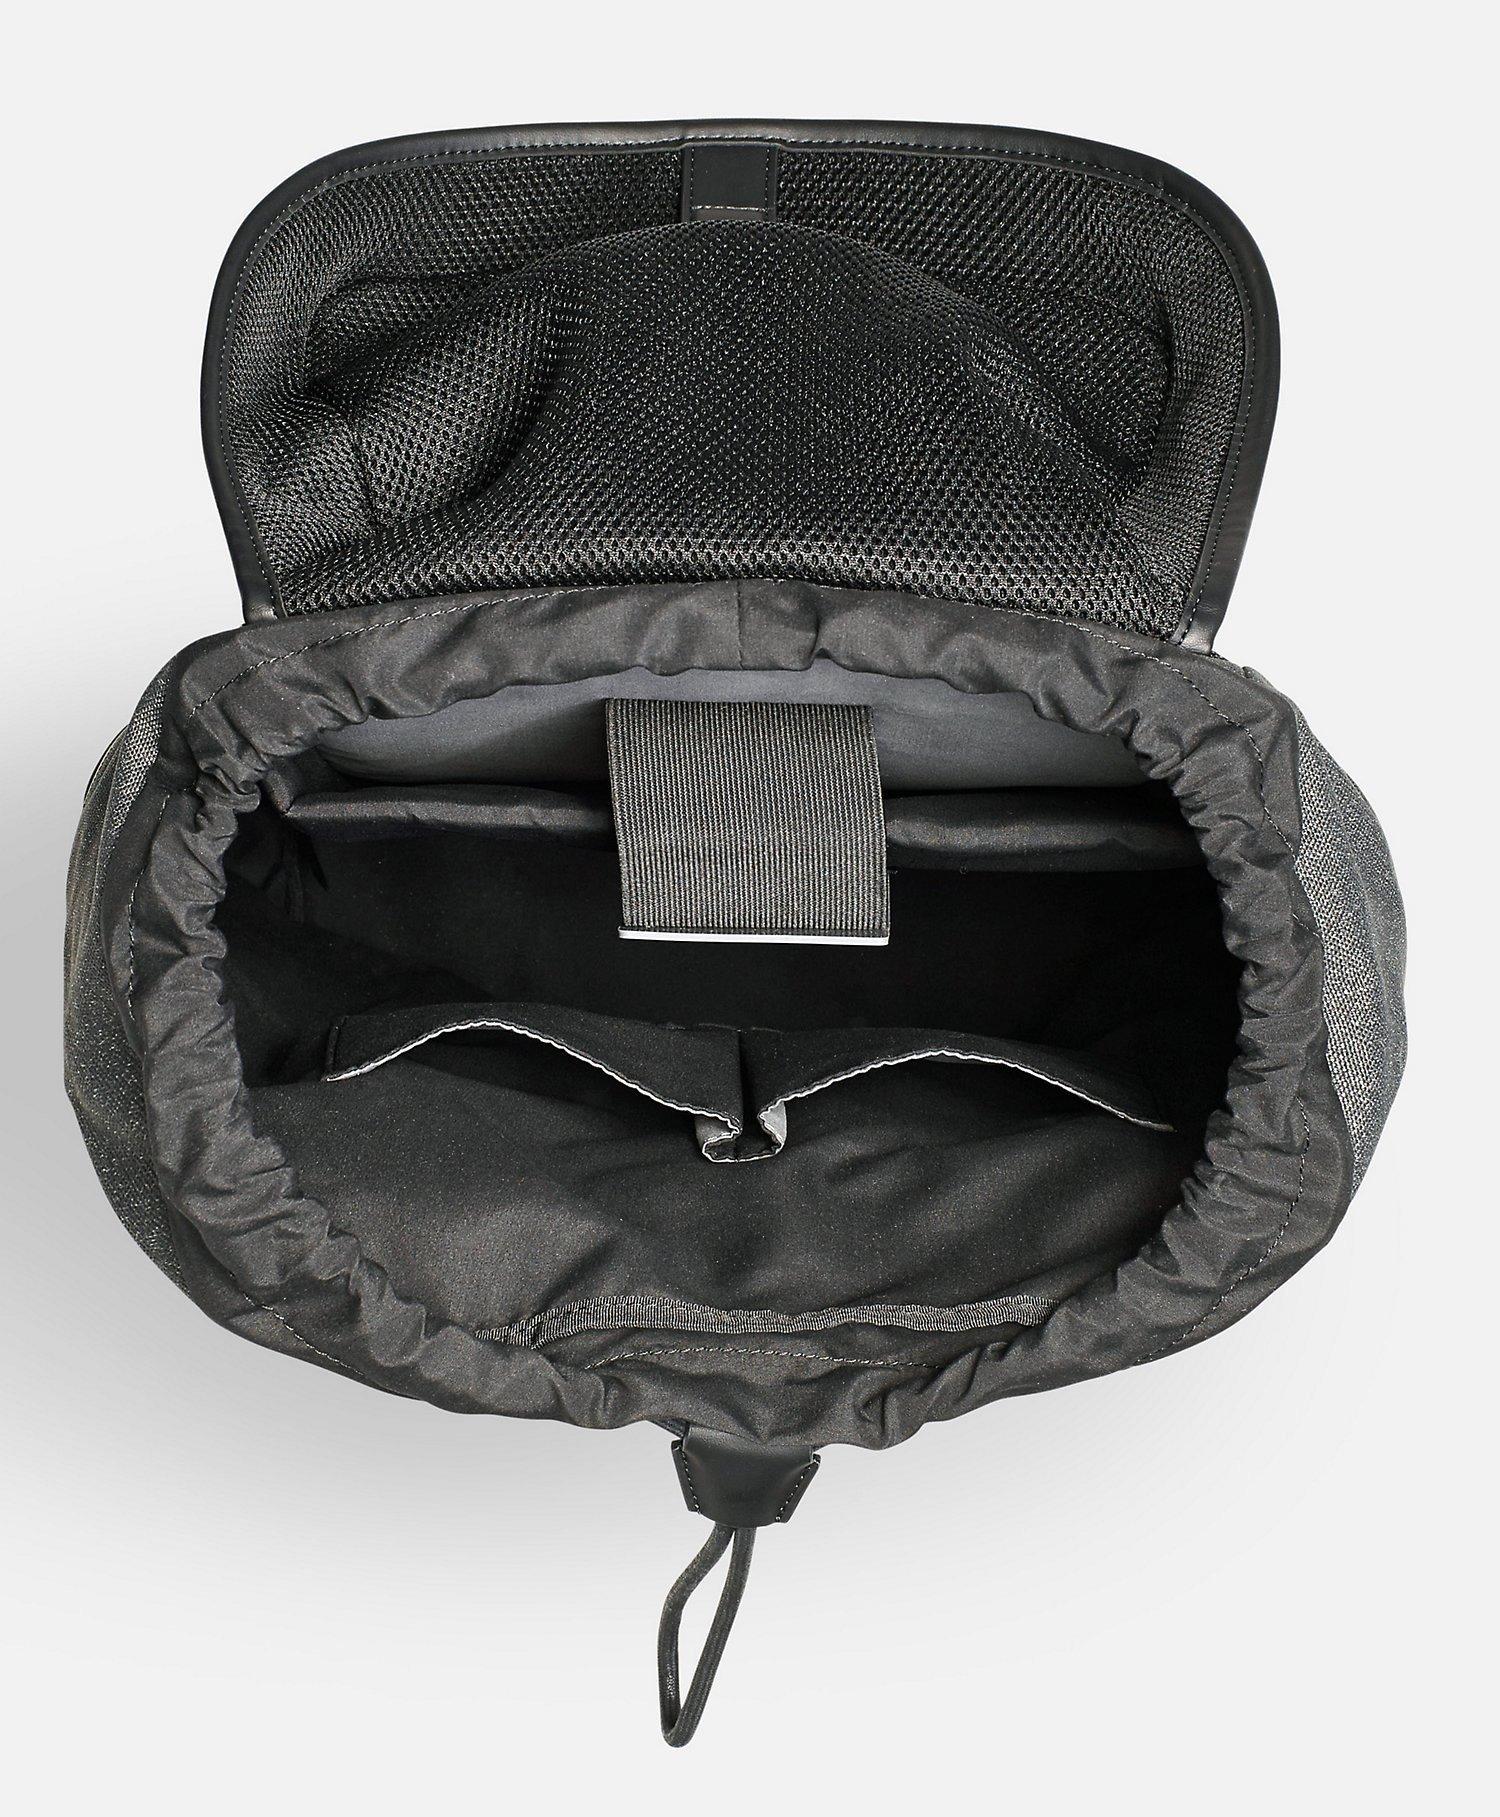 Calvin Klein Mens Weekender Travel Laptop Backpack Bag by Calvin Klein (Image #3)